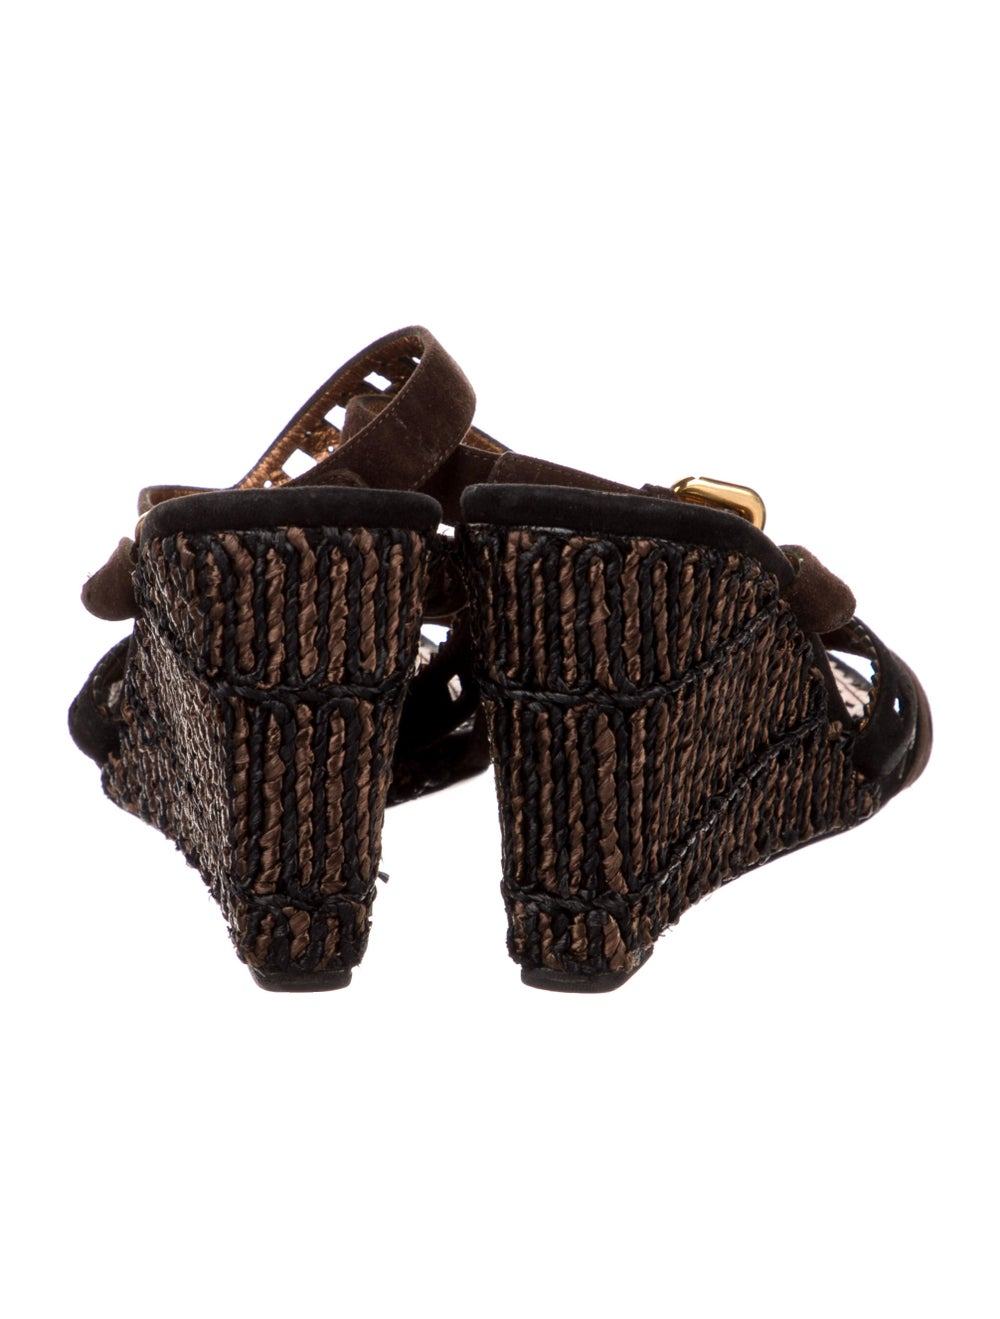 Prada Leather Espadrilles Black - image 4